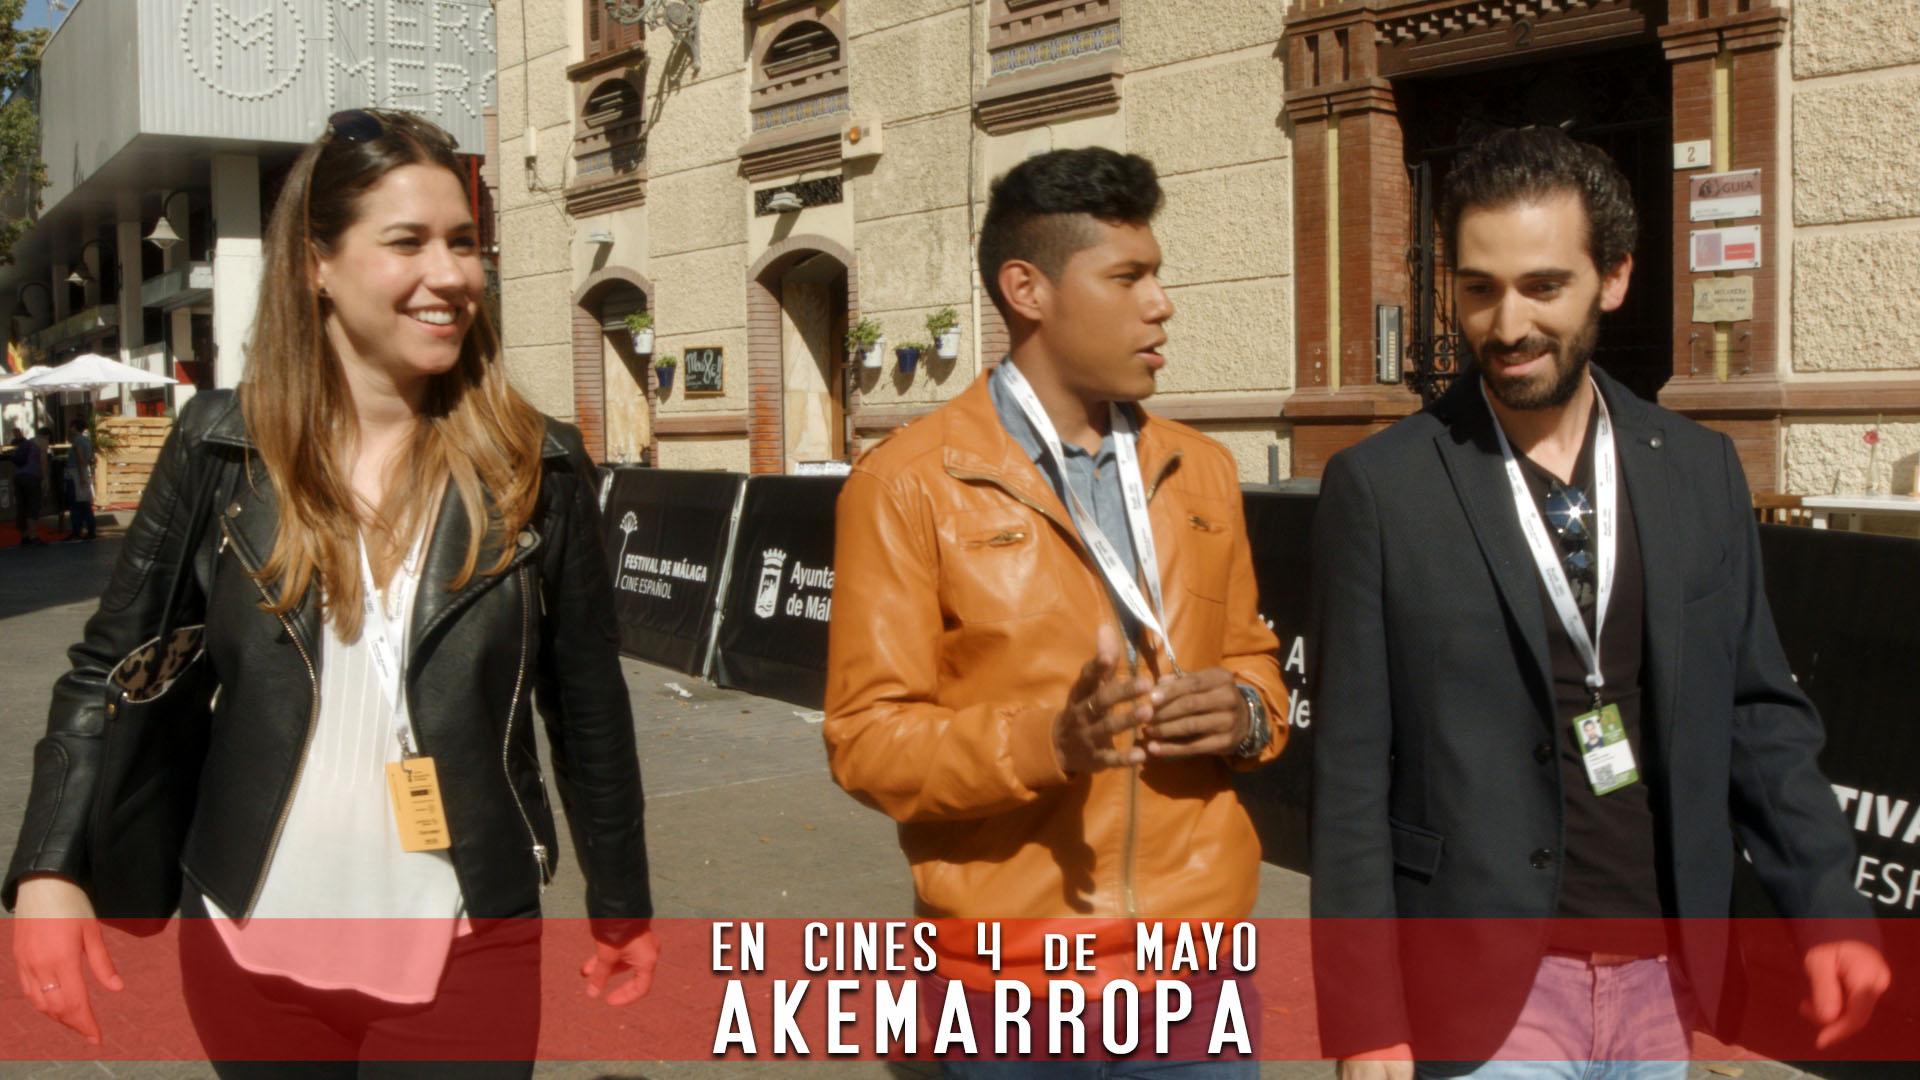 El reparto de Akemarropa